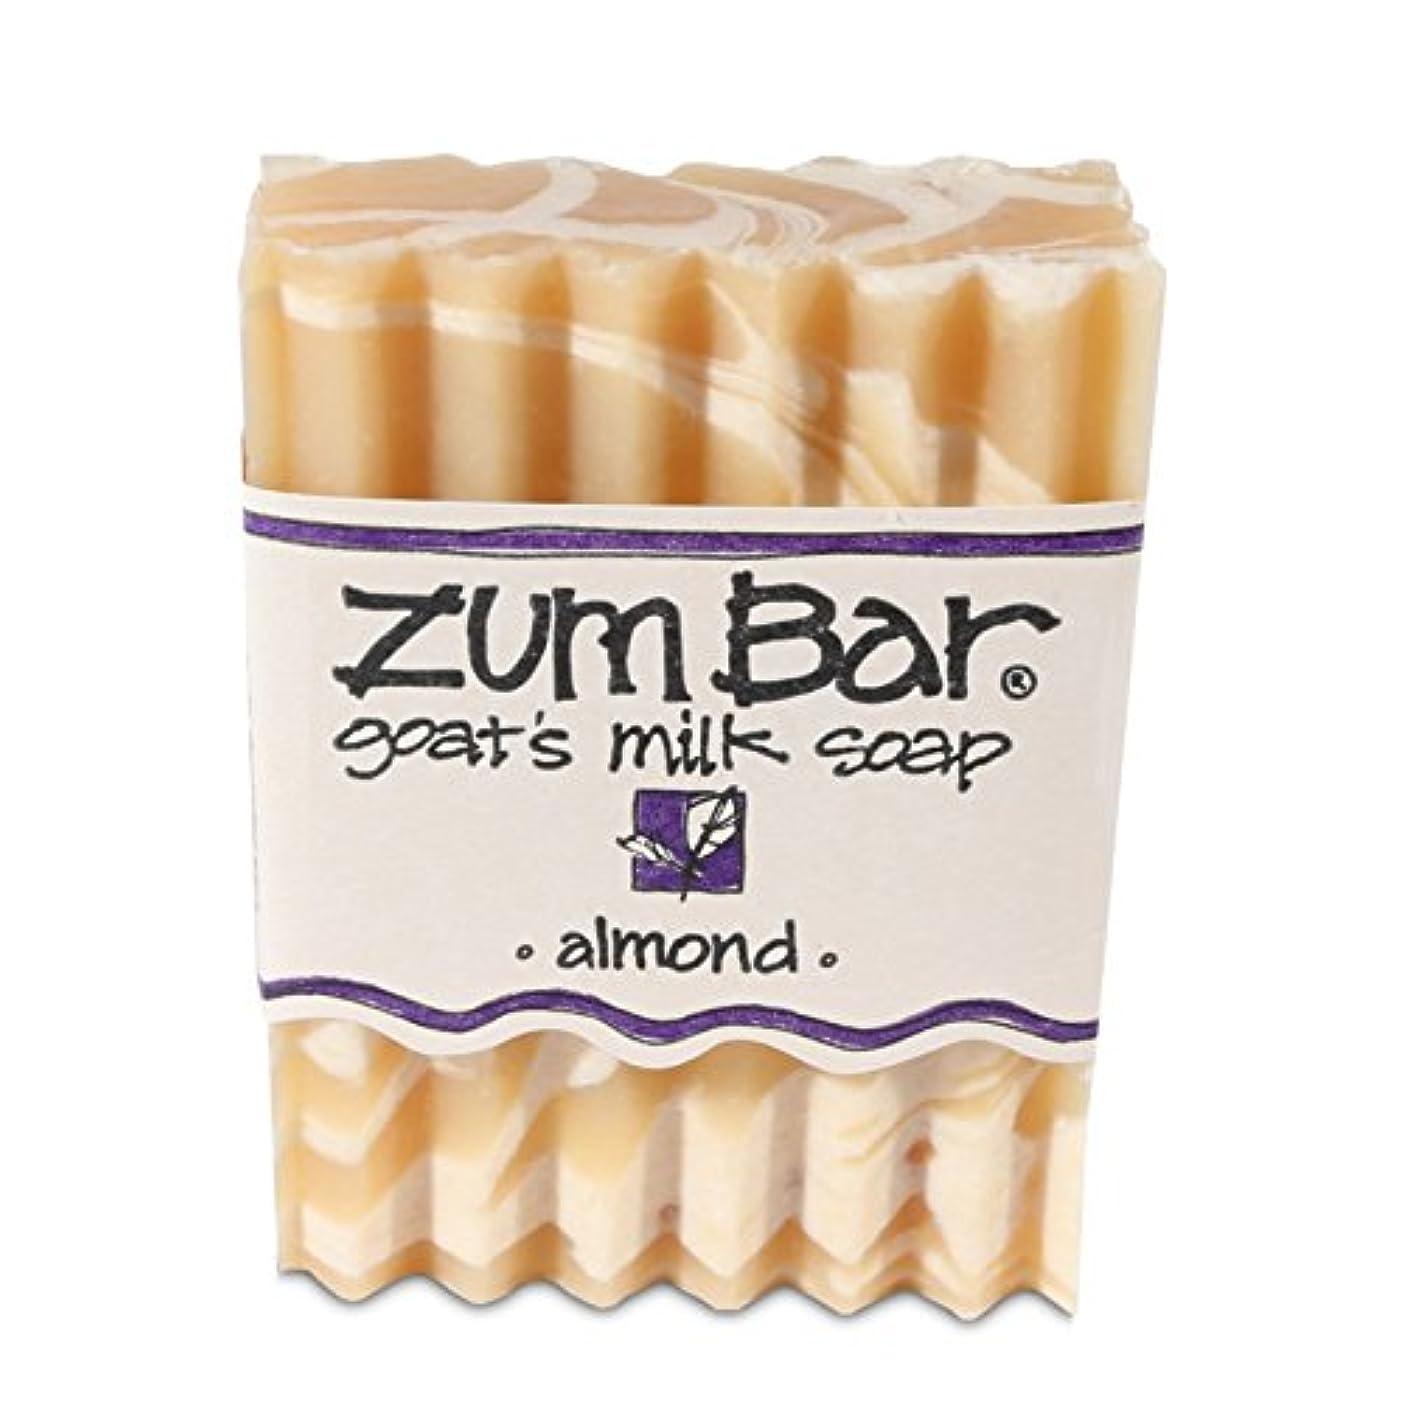 見ました構造指定海外直送品 Indigo Wild, Zum Bar, Goat's ミルク ソープ アーモンド , 3 Ounces (2個セット) (Almond) [並行輸入品]